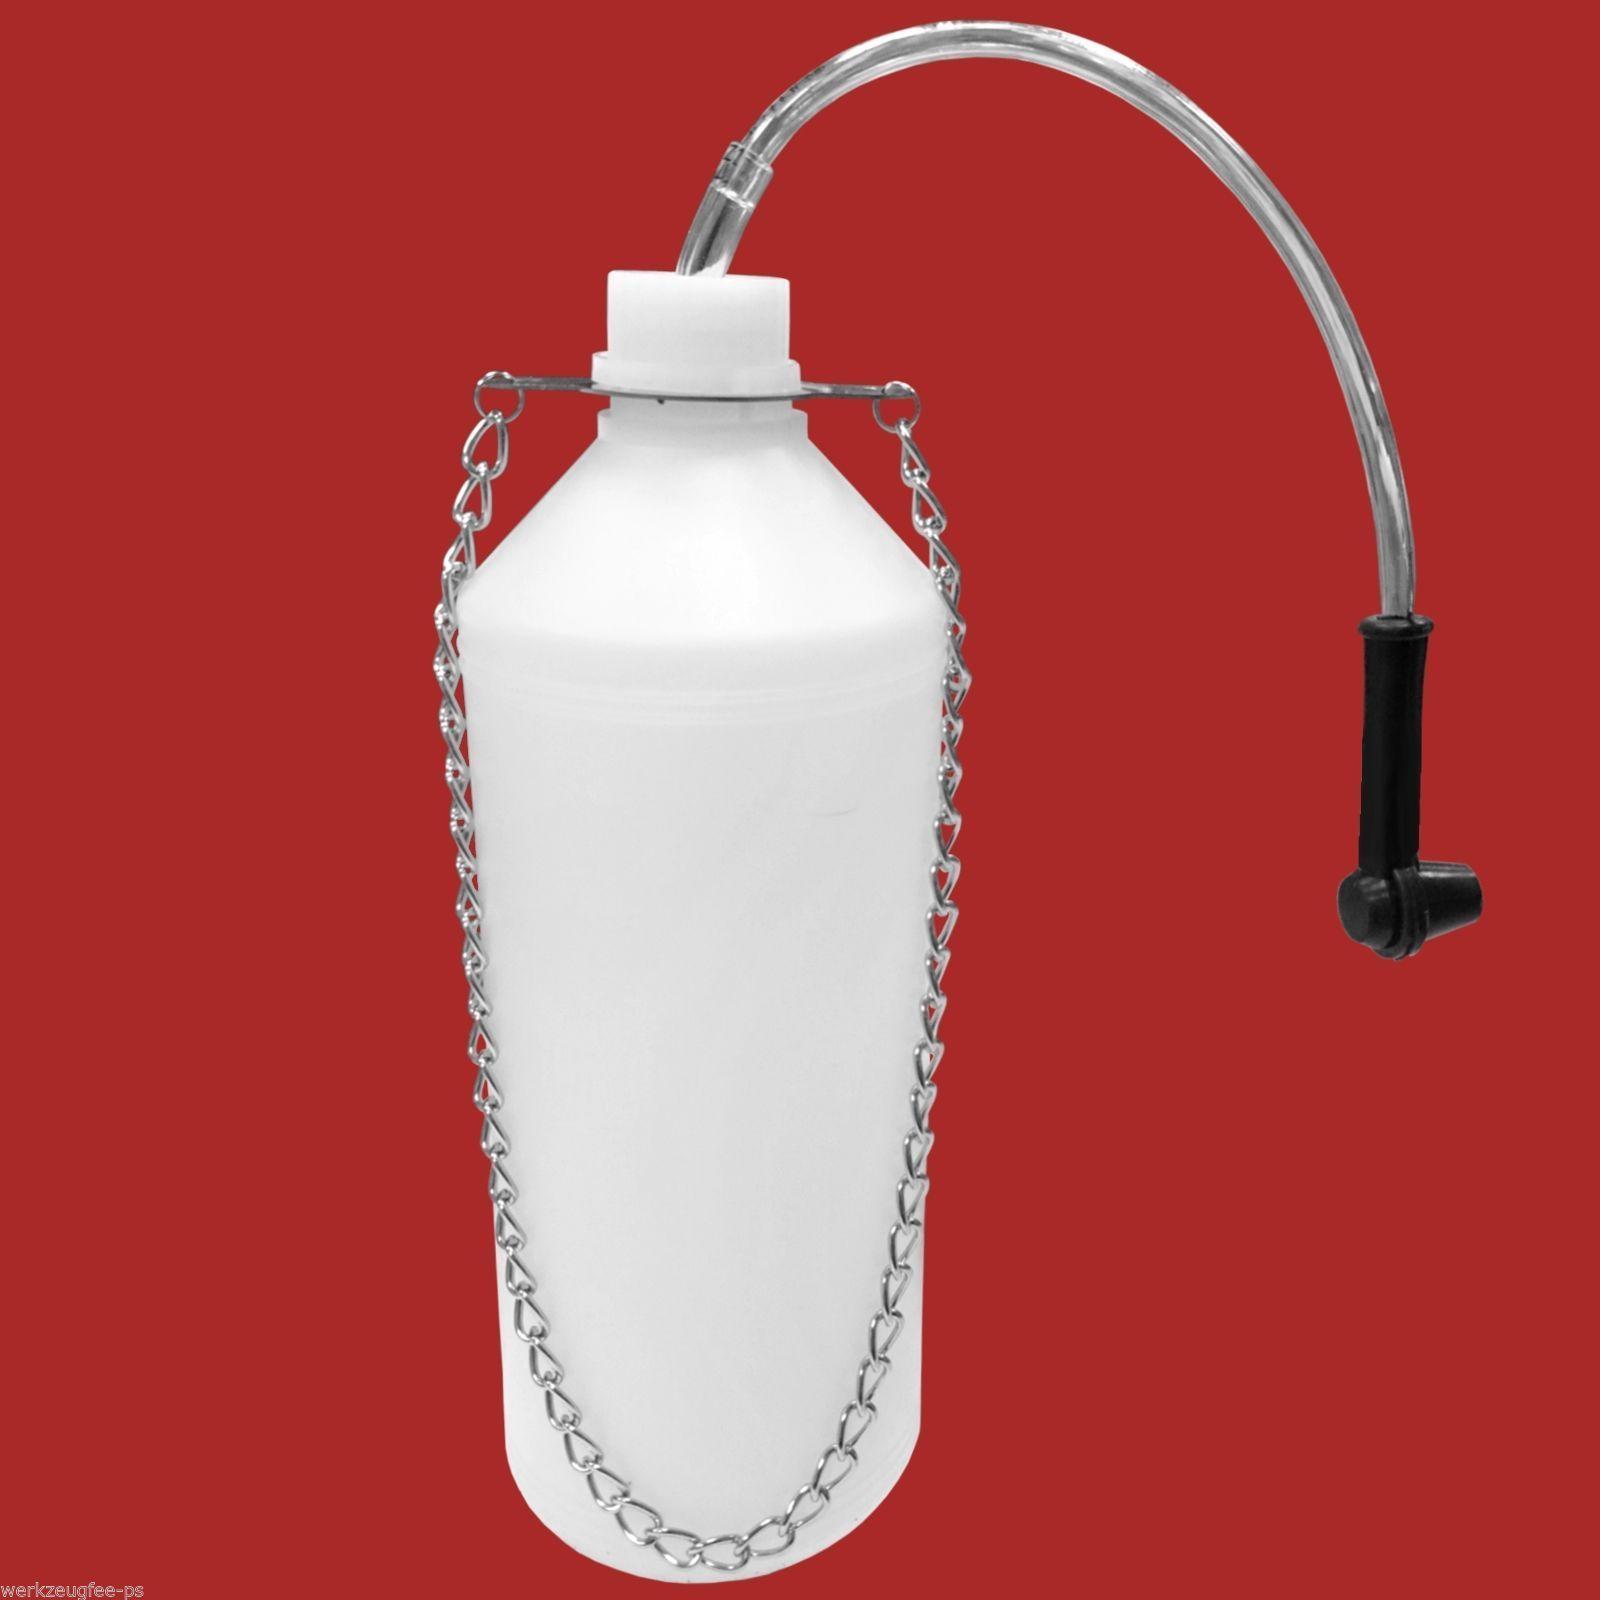 1 Liter Bremsenentlüfter Flasche KFZ Bremsen Entlüftungsgerät Bremse entlüften